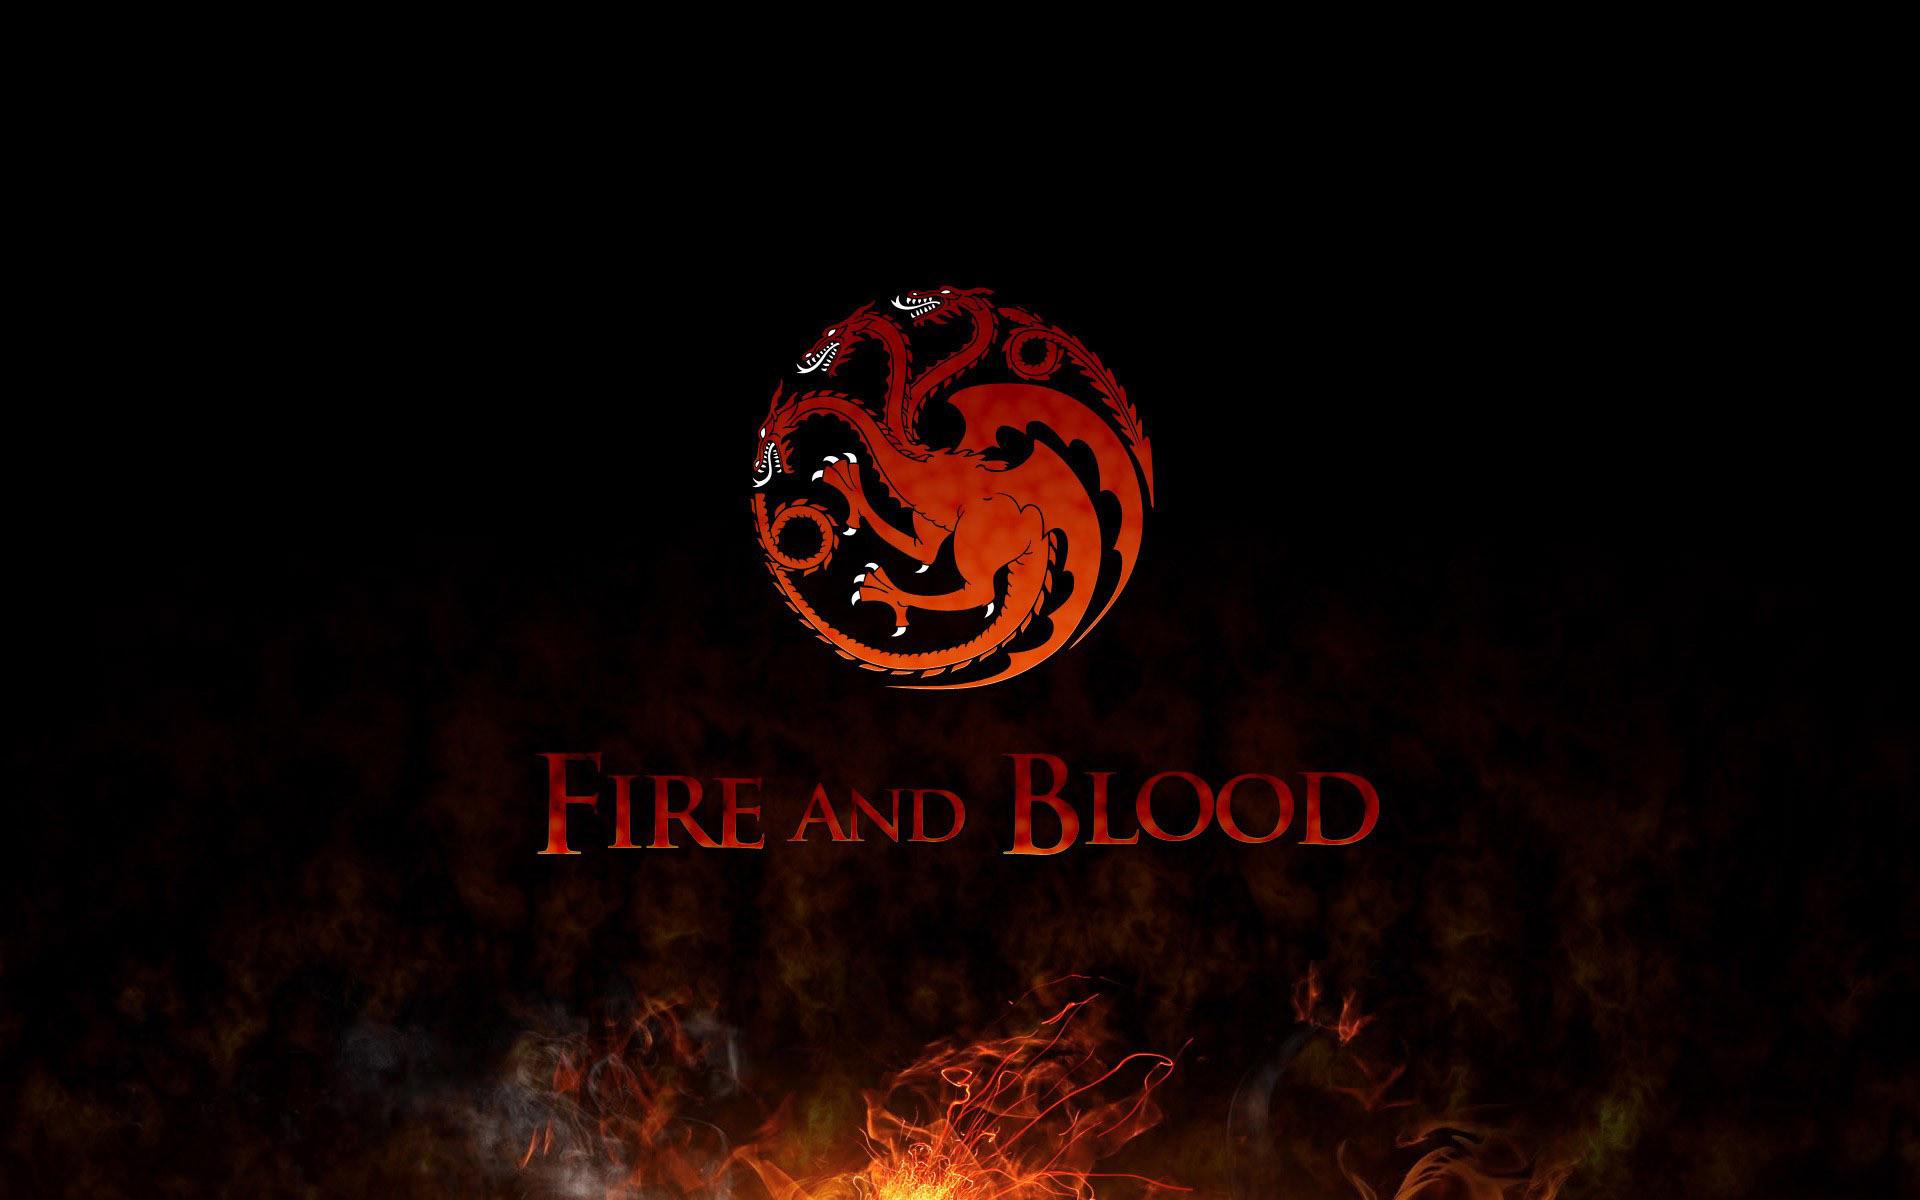 Targaryen Sigil Wallpaper 71 images 1920x1200